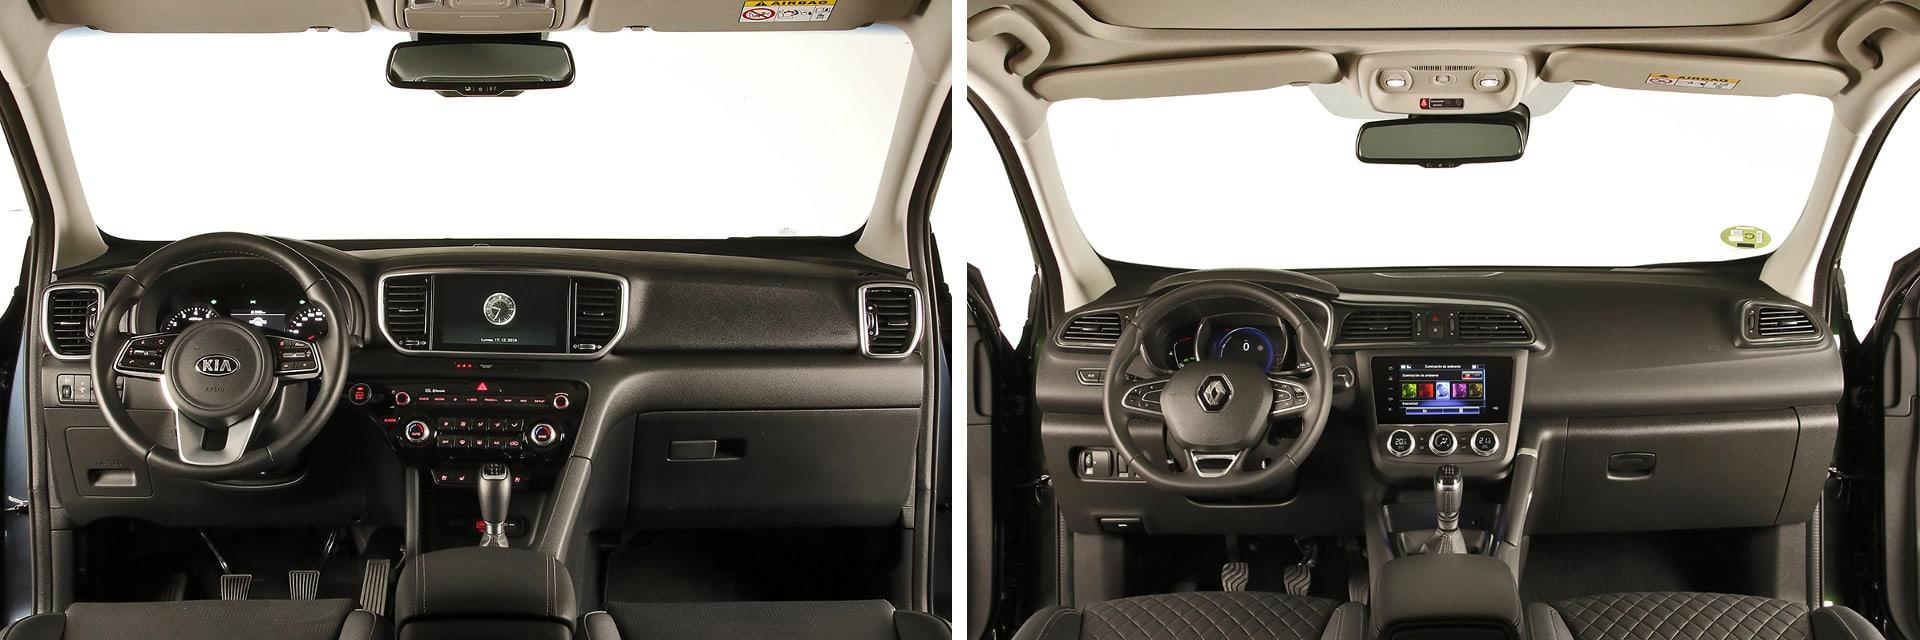 Los dos coches tienen un interior sencillo y con todos los mandos al alcance . / km77